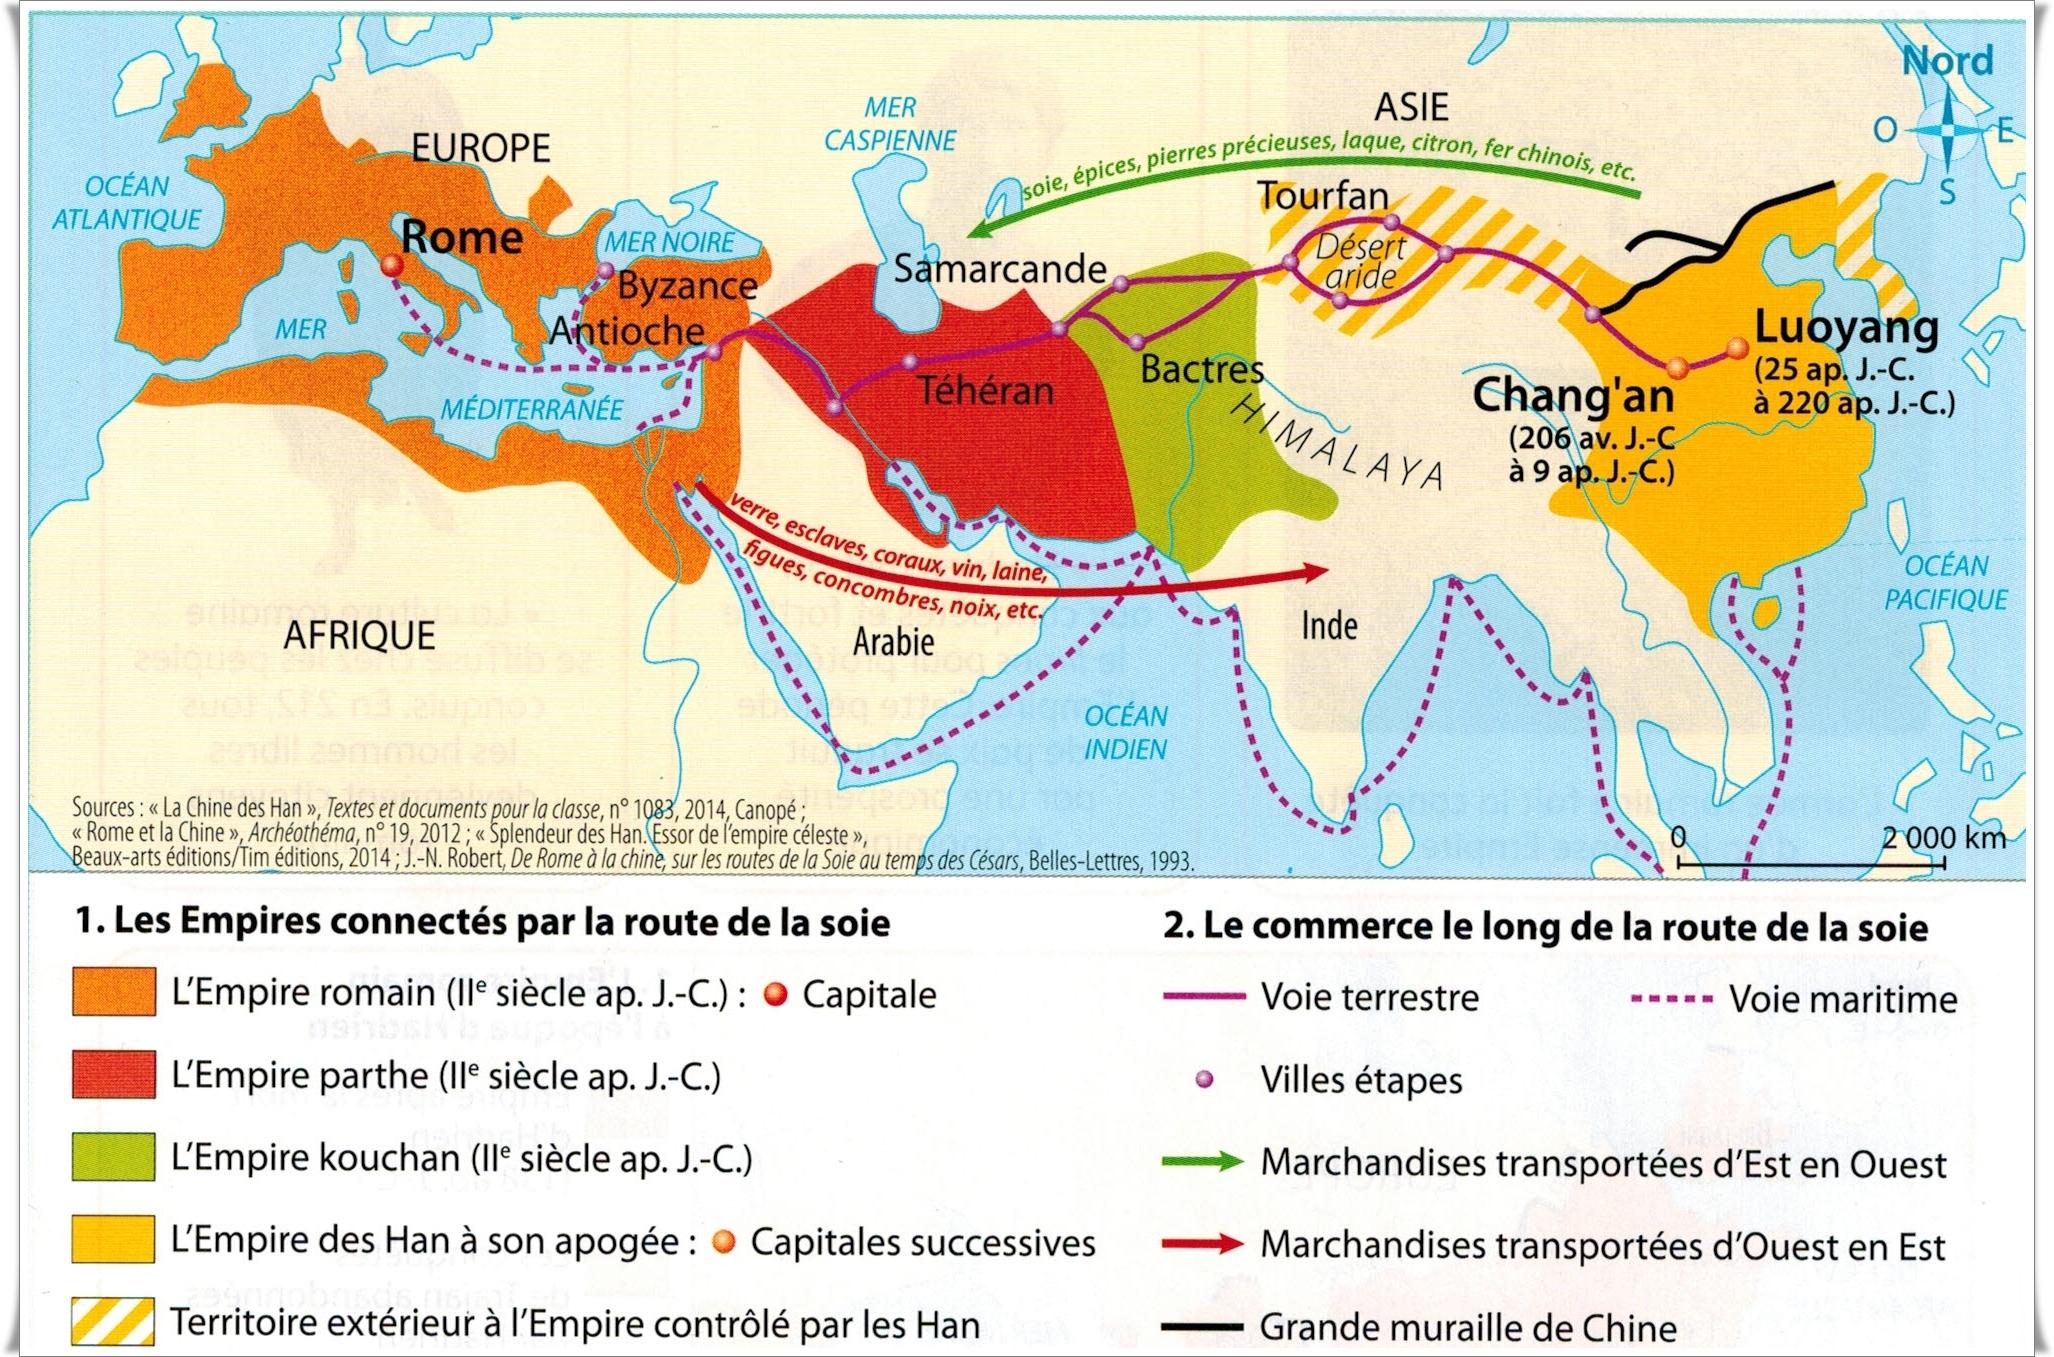 carte route de la soie carte route de la soie – HISTOgraphie